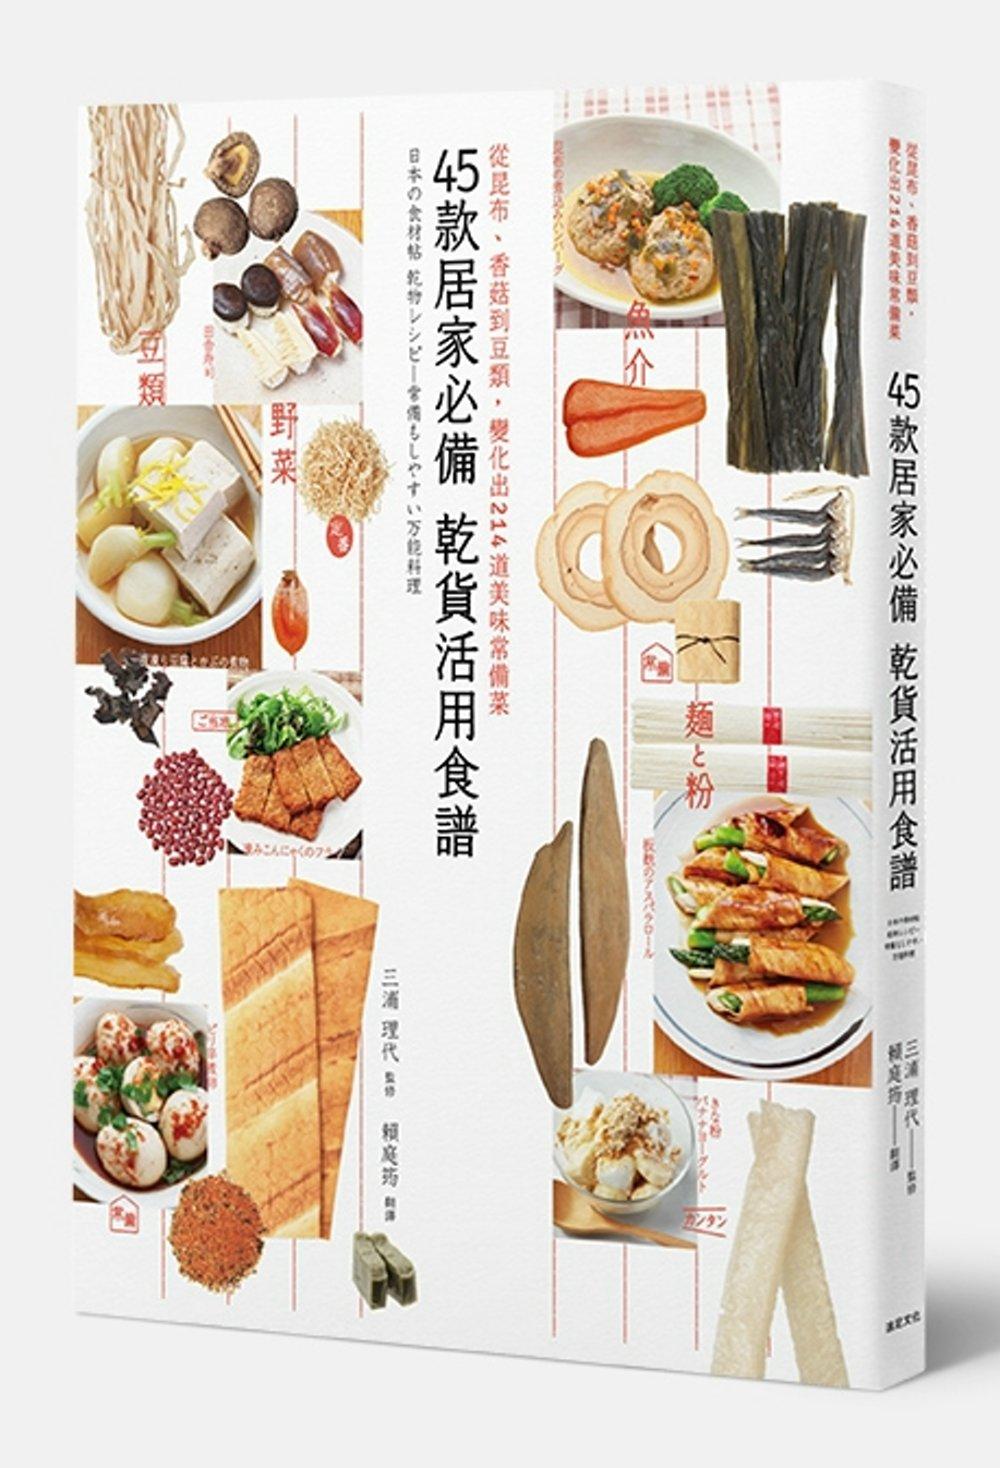 45款居家必備乾貨活用食譜:從昆布、香菇到豆類,變化出214道美味常備菜